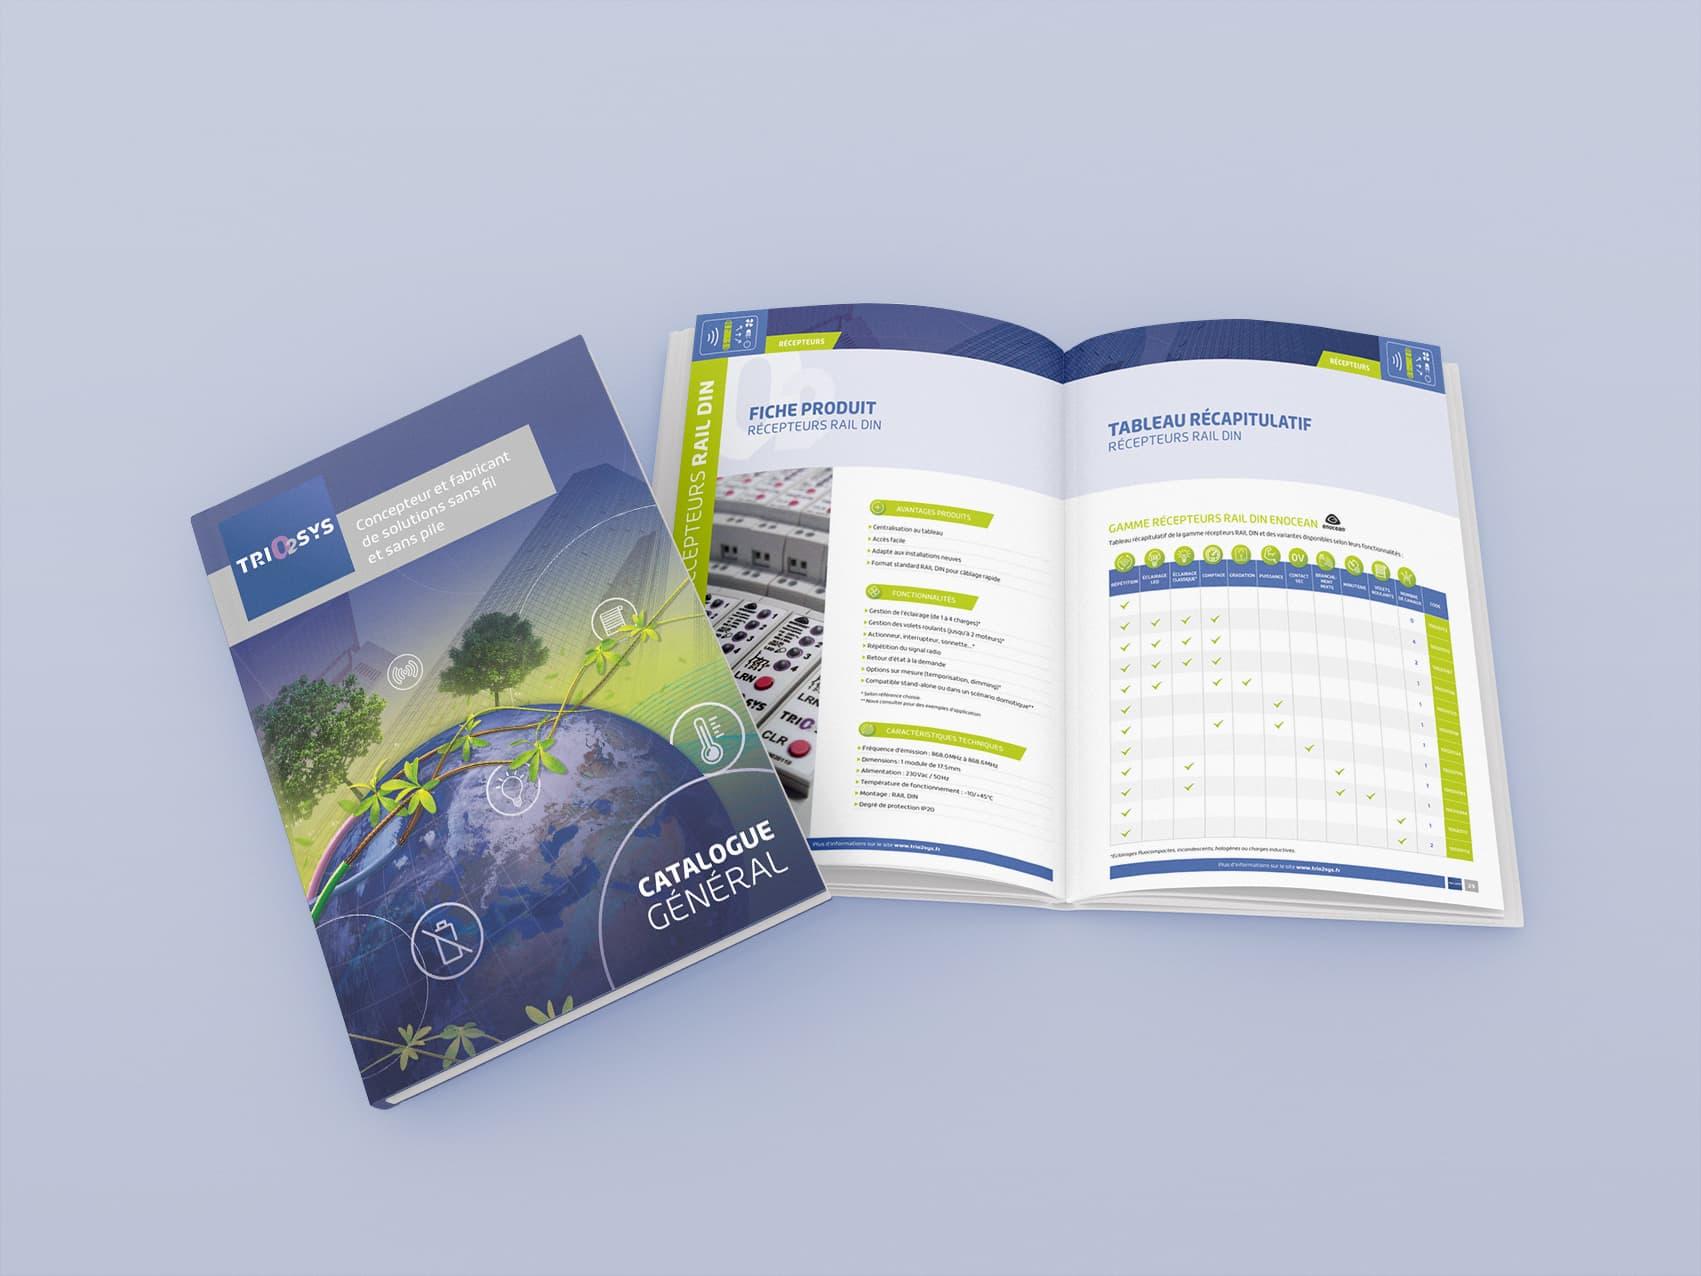 eclolink_agence_webmarketing_client_dijon_trio2sys_catalogue